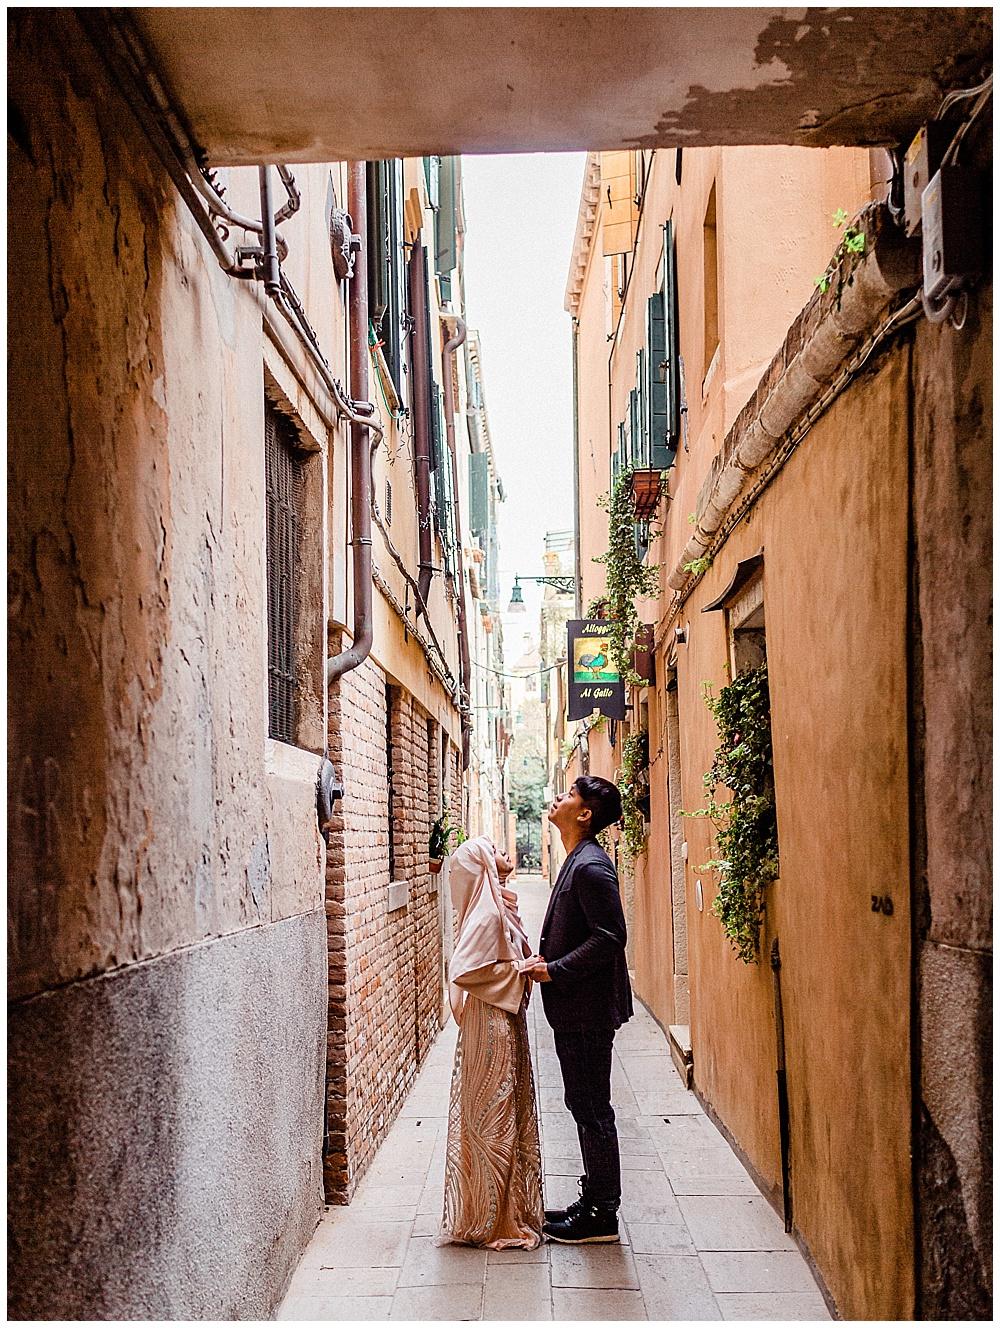 Venice-italy-wedding-photographer-stefano-degirmenci_0006.jpg